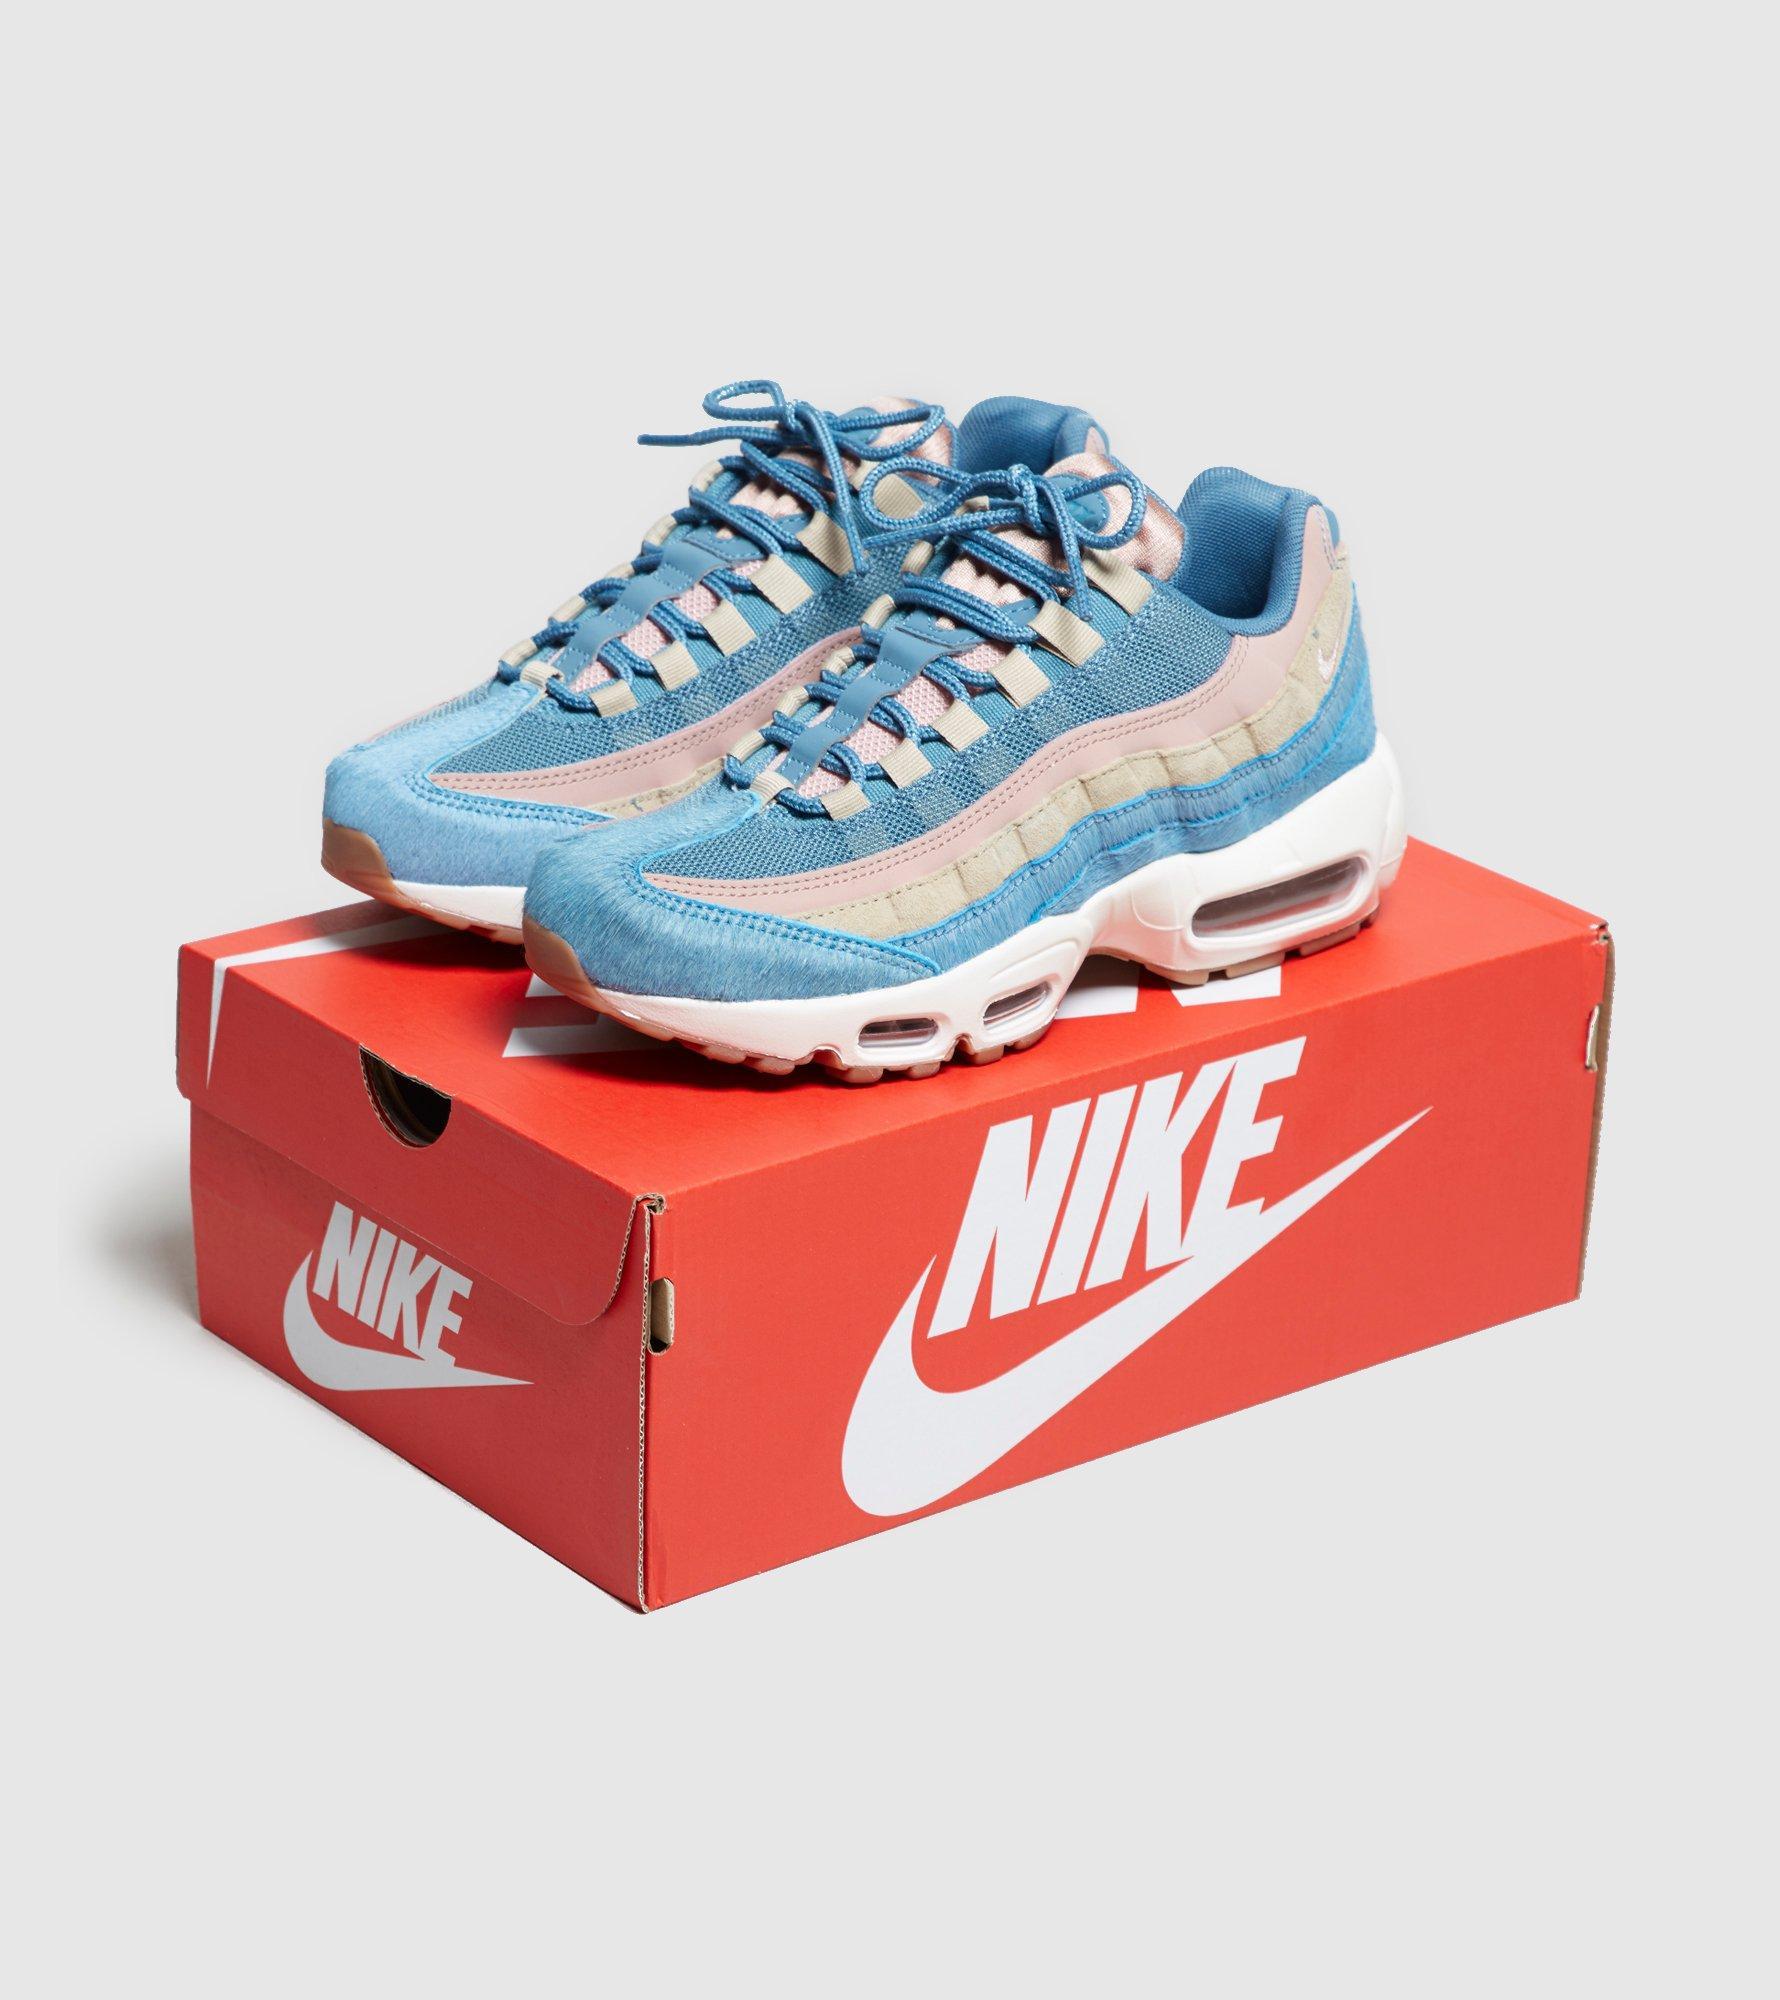 Nike Air Max Des Femmes De 95 Lx